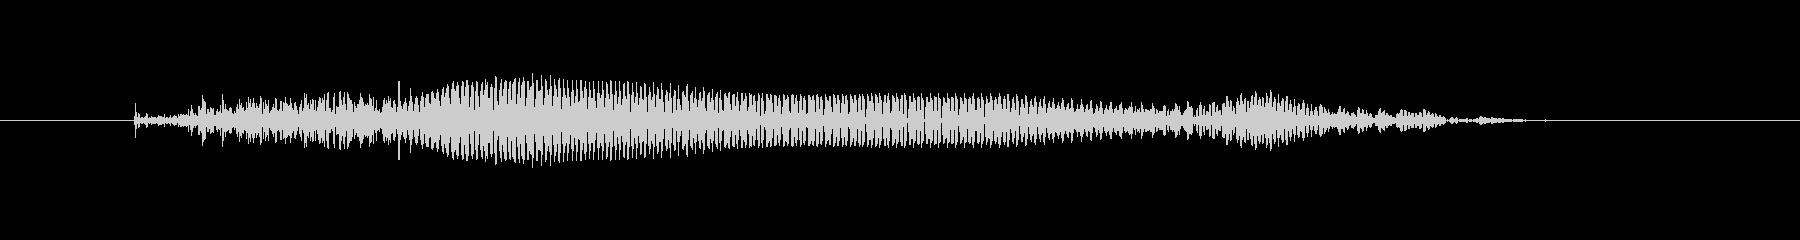 9(きゅう)-明るいトーンお兄さん風の未再生の波形